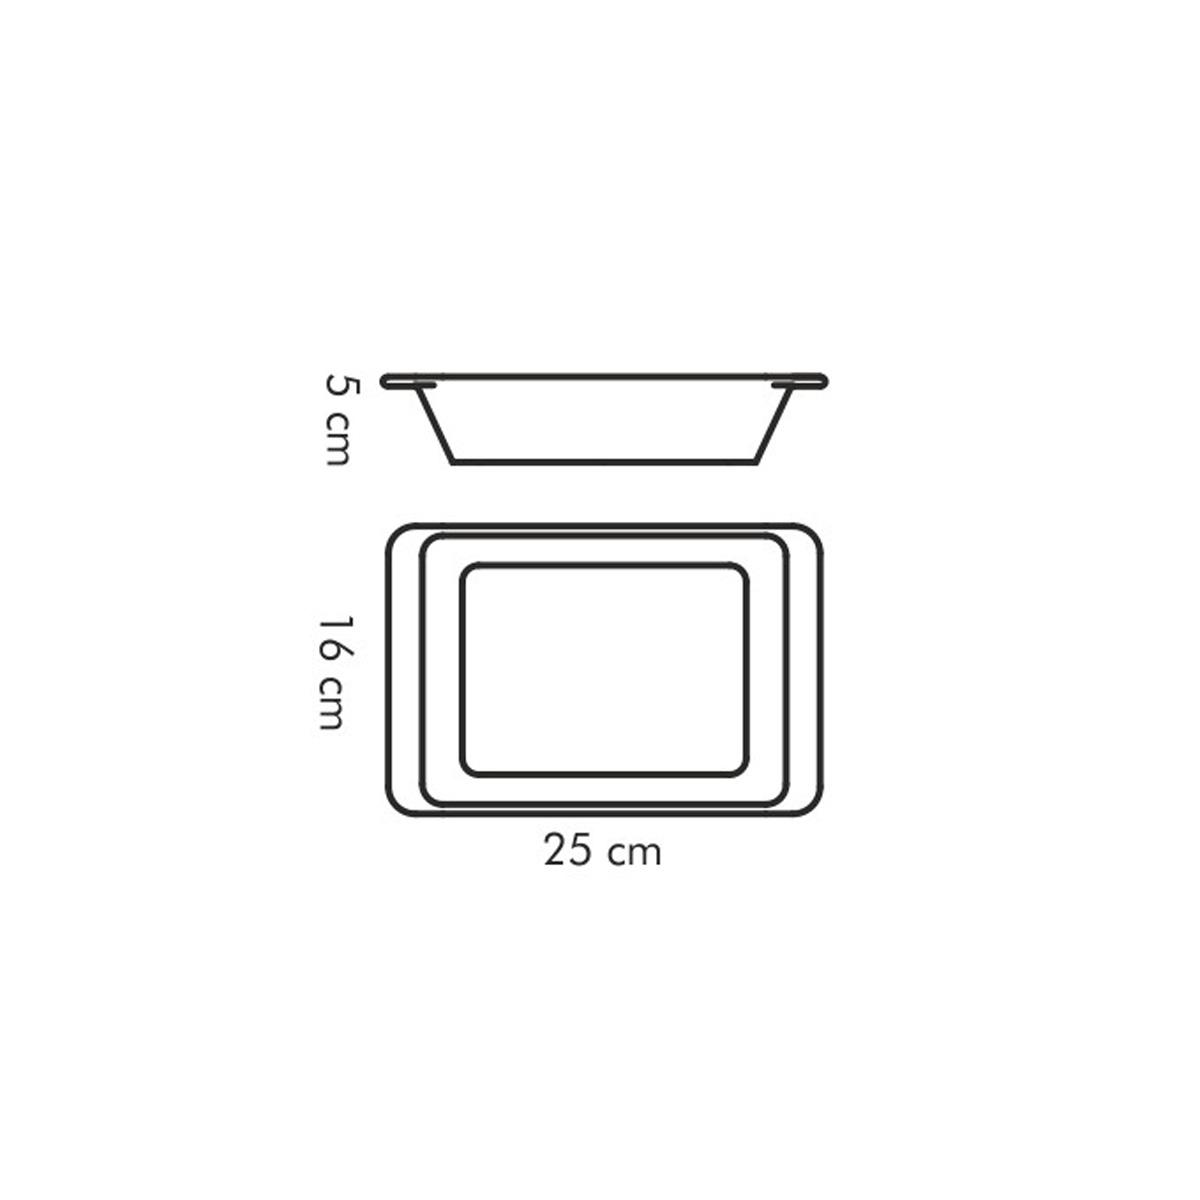 Zapékací mísa obdélníková GUSTO 25 x 16 cm